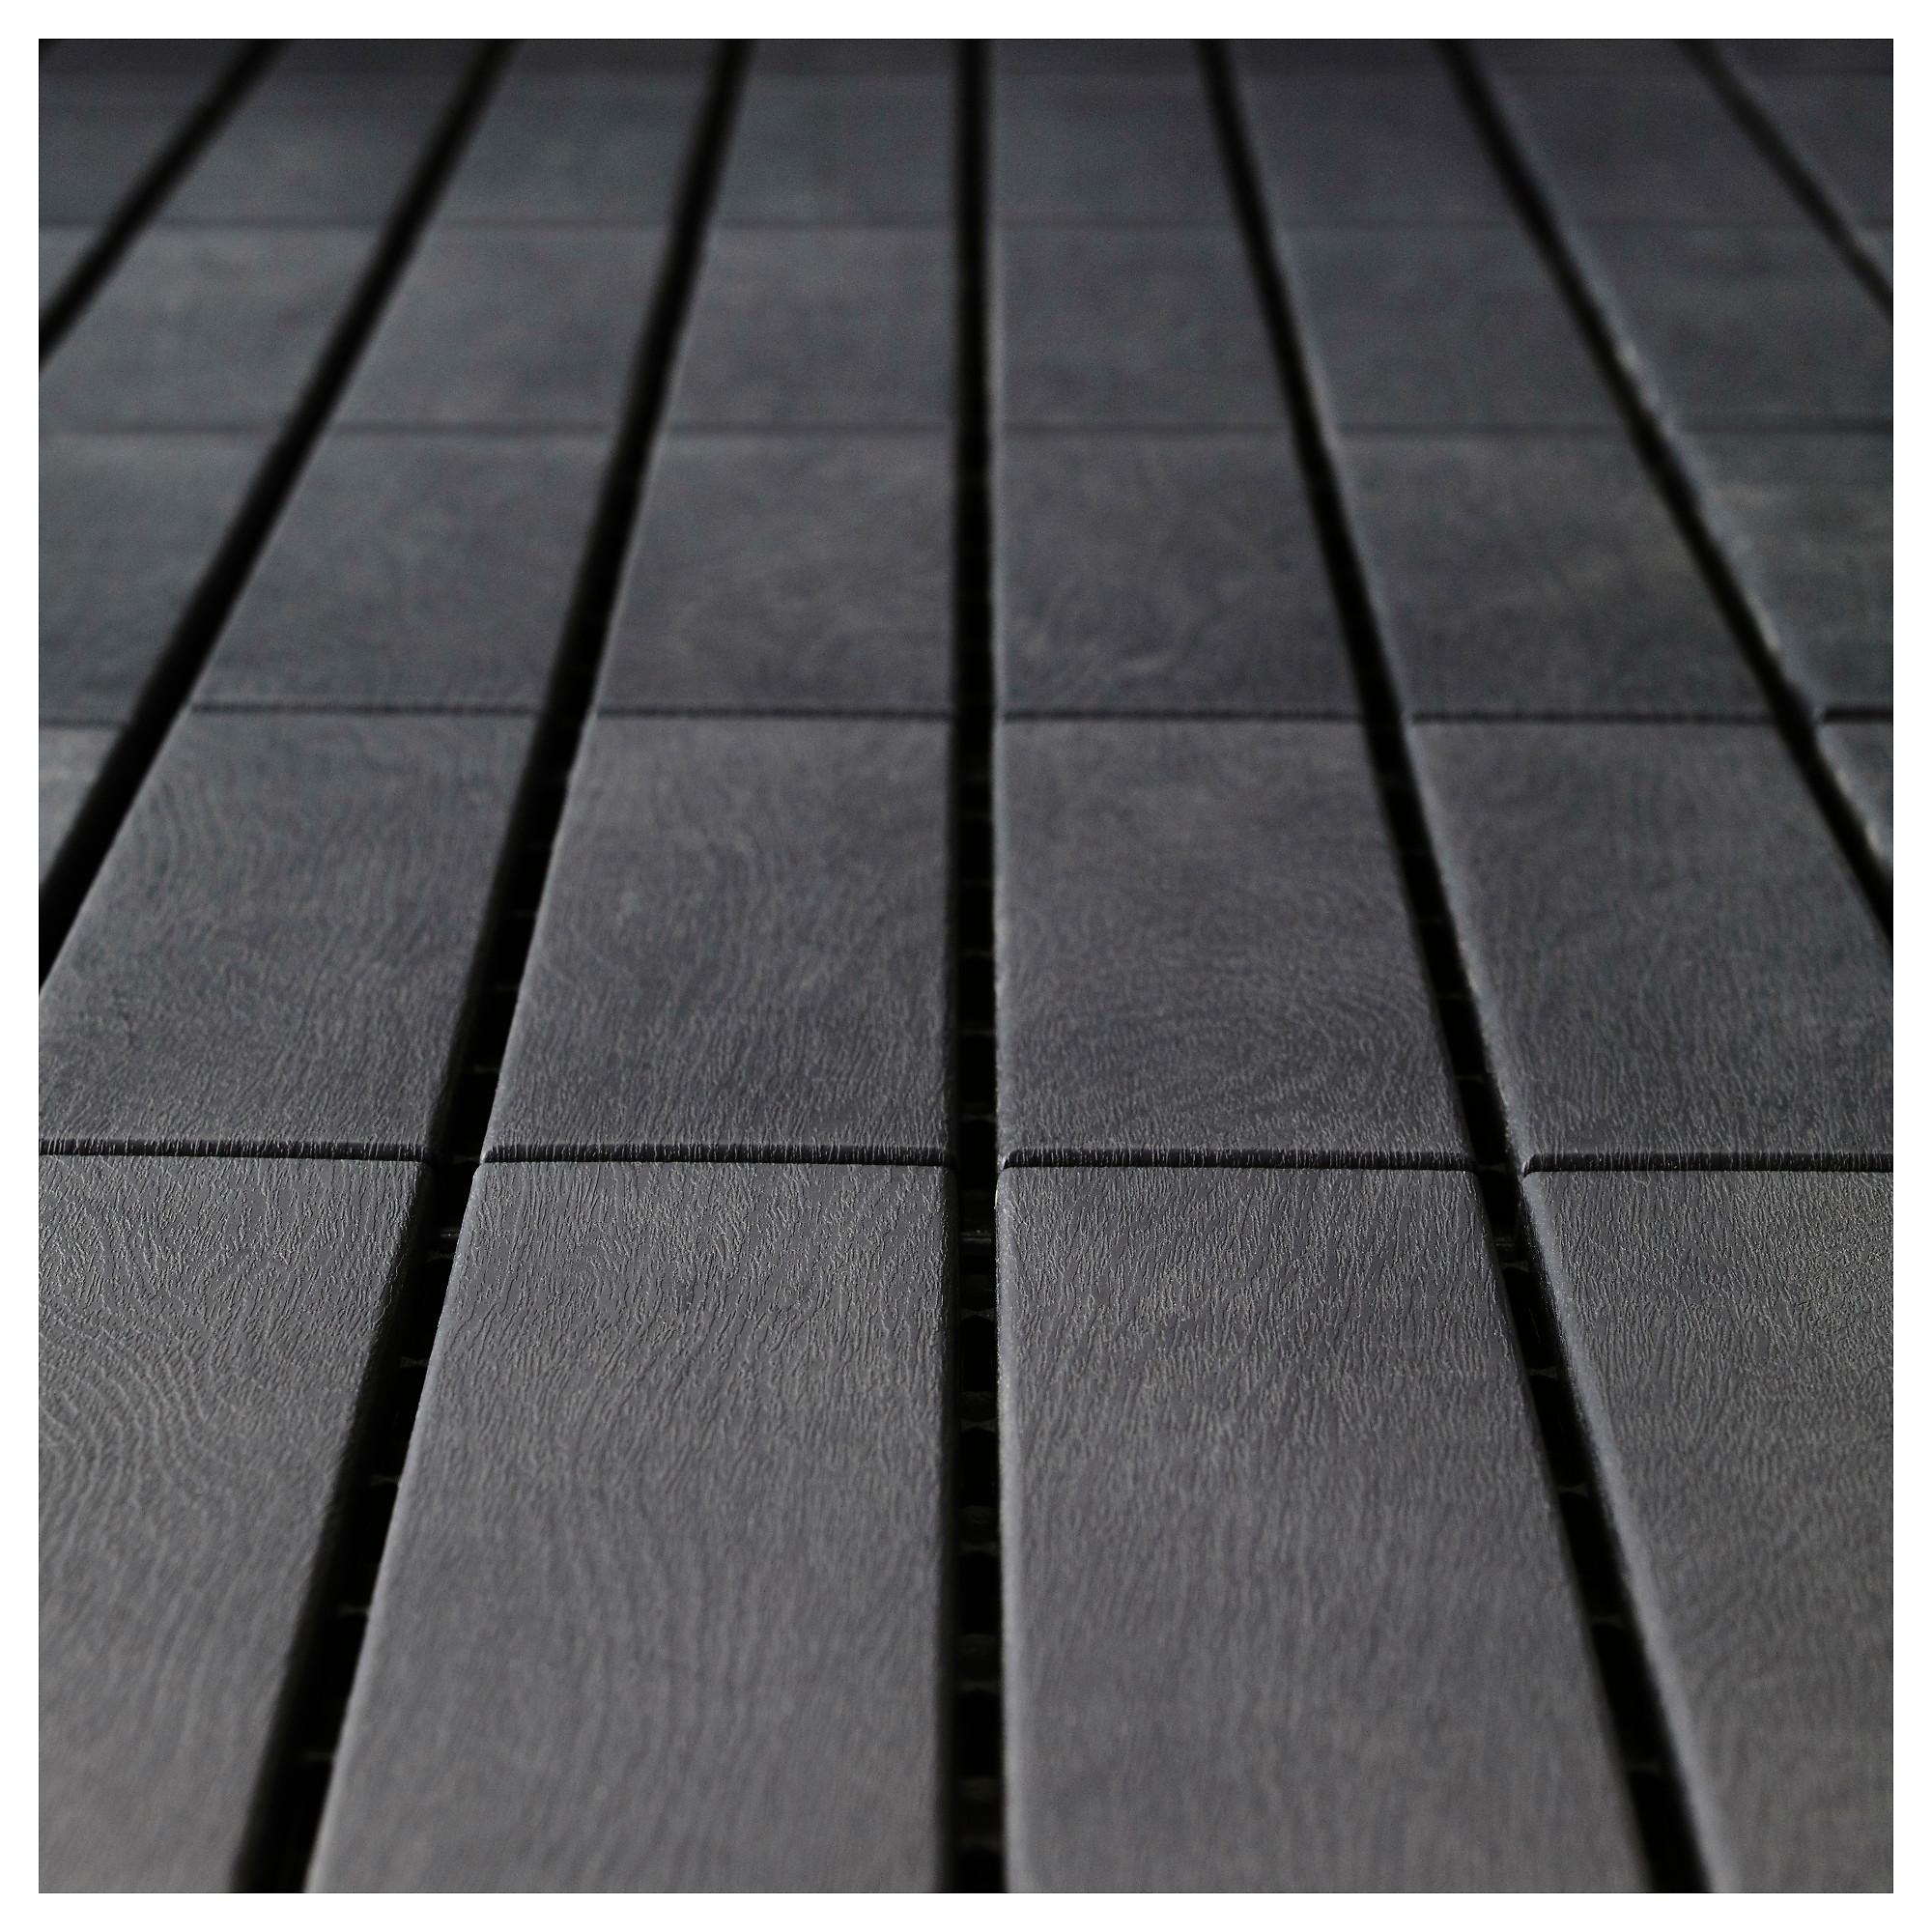 IKEA RUNNEN Decking, outdoor dark gray Building a deck